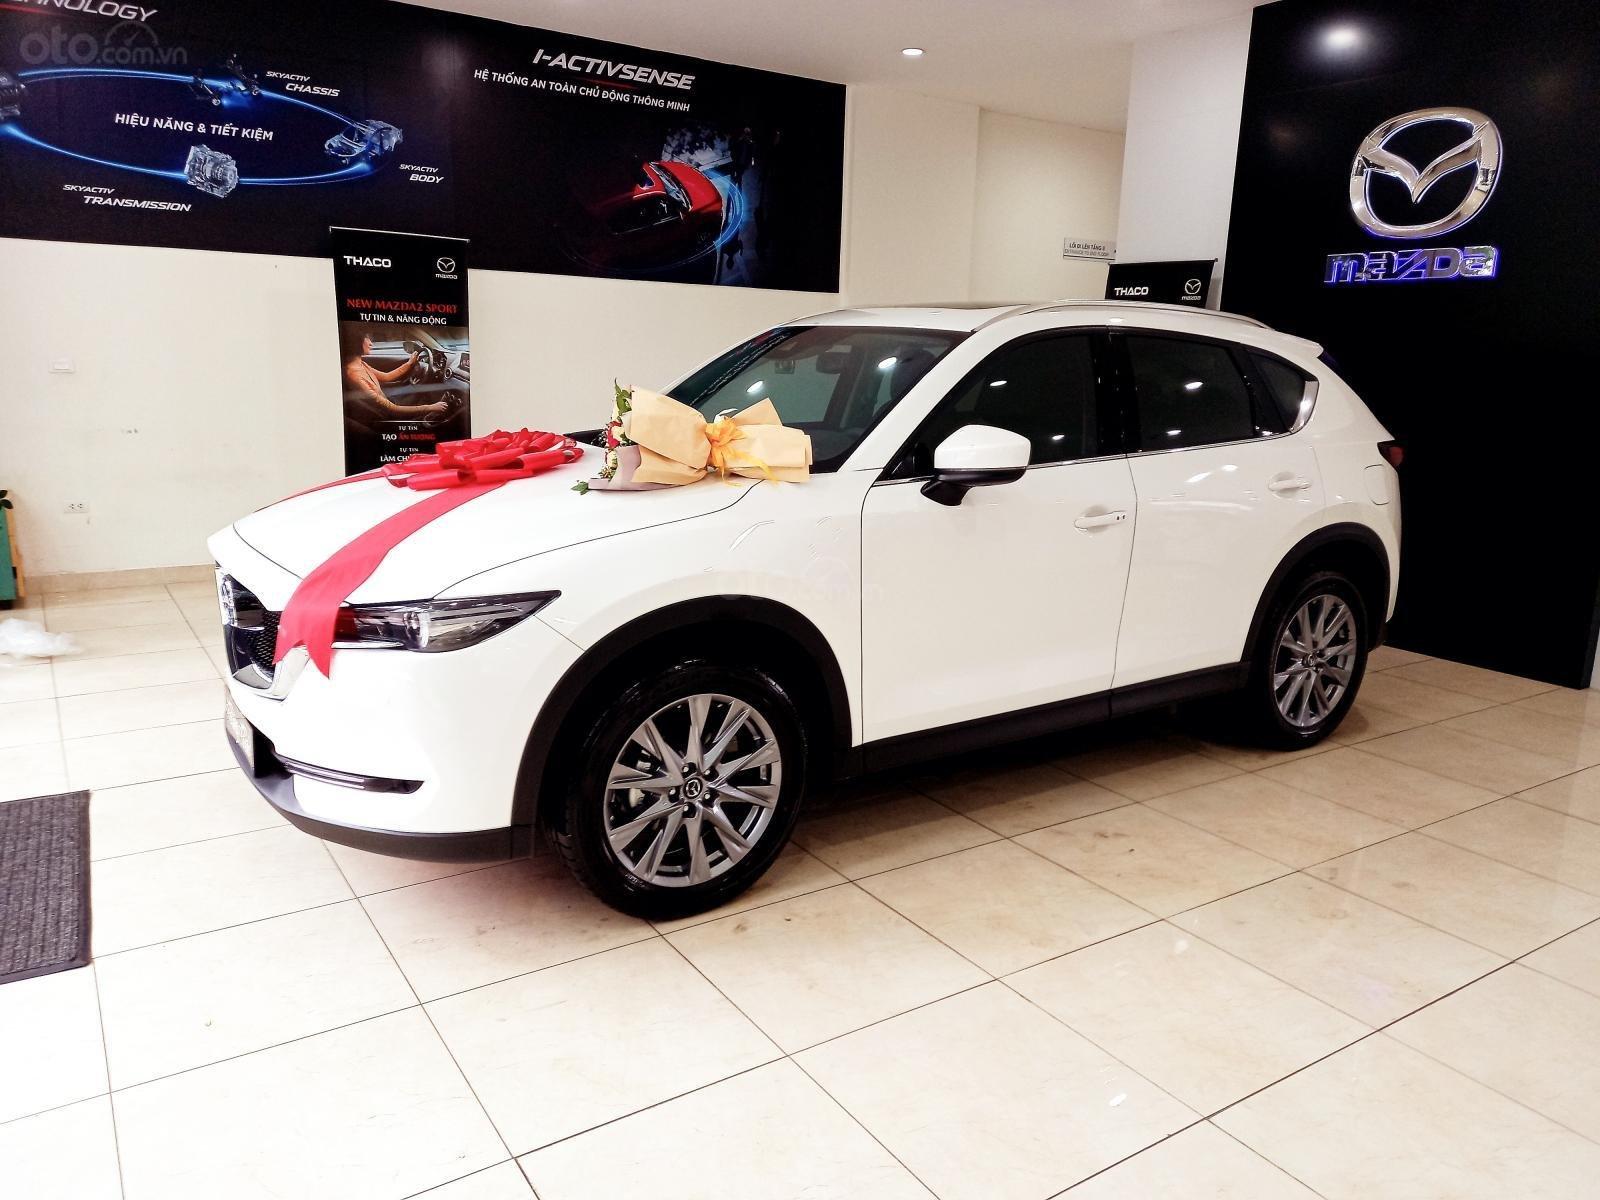 Mazda CX5 2020 giảm giá khủng nhiều khuyến mại, hỗ trợ tận nơi (3)